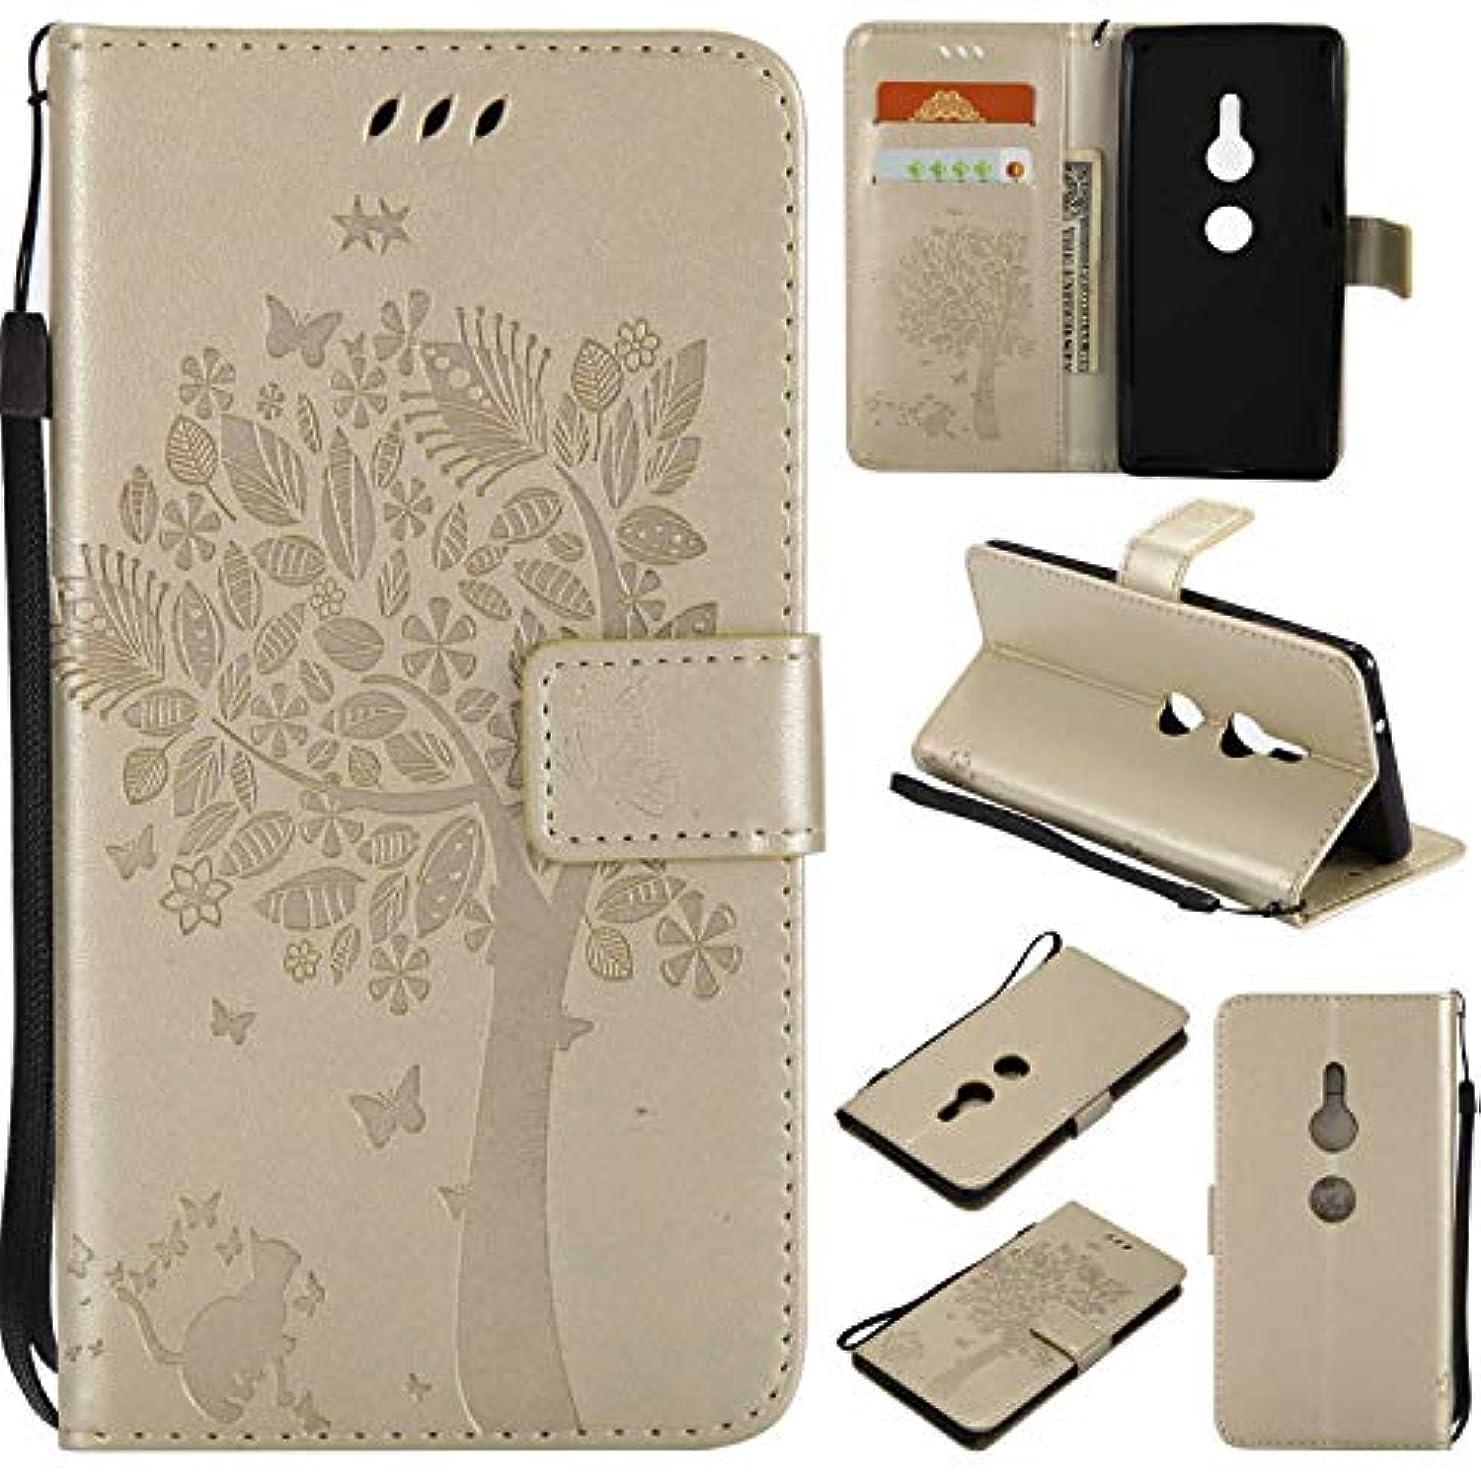 買う民兵お客様OMATENTI Sony Xperia XZ2 ケース 手帳型ケース ウォレット型 カード収納 ストラップ付き 高級感PUレザー 押し花木柄 落下防止 財布型 カバー Sony Xperia XZ2 用 Case Cover, 白